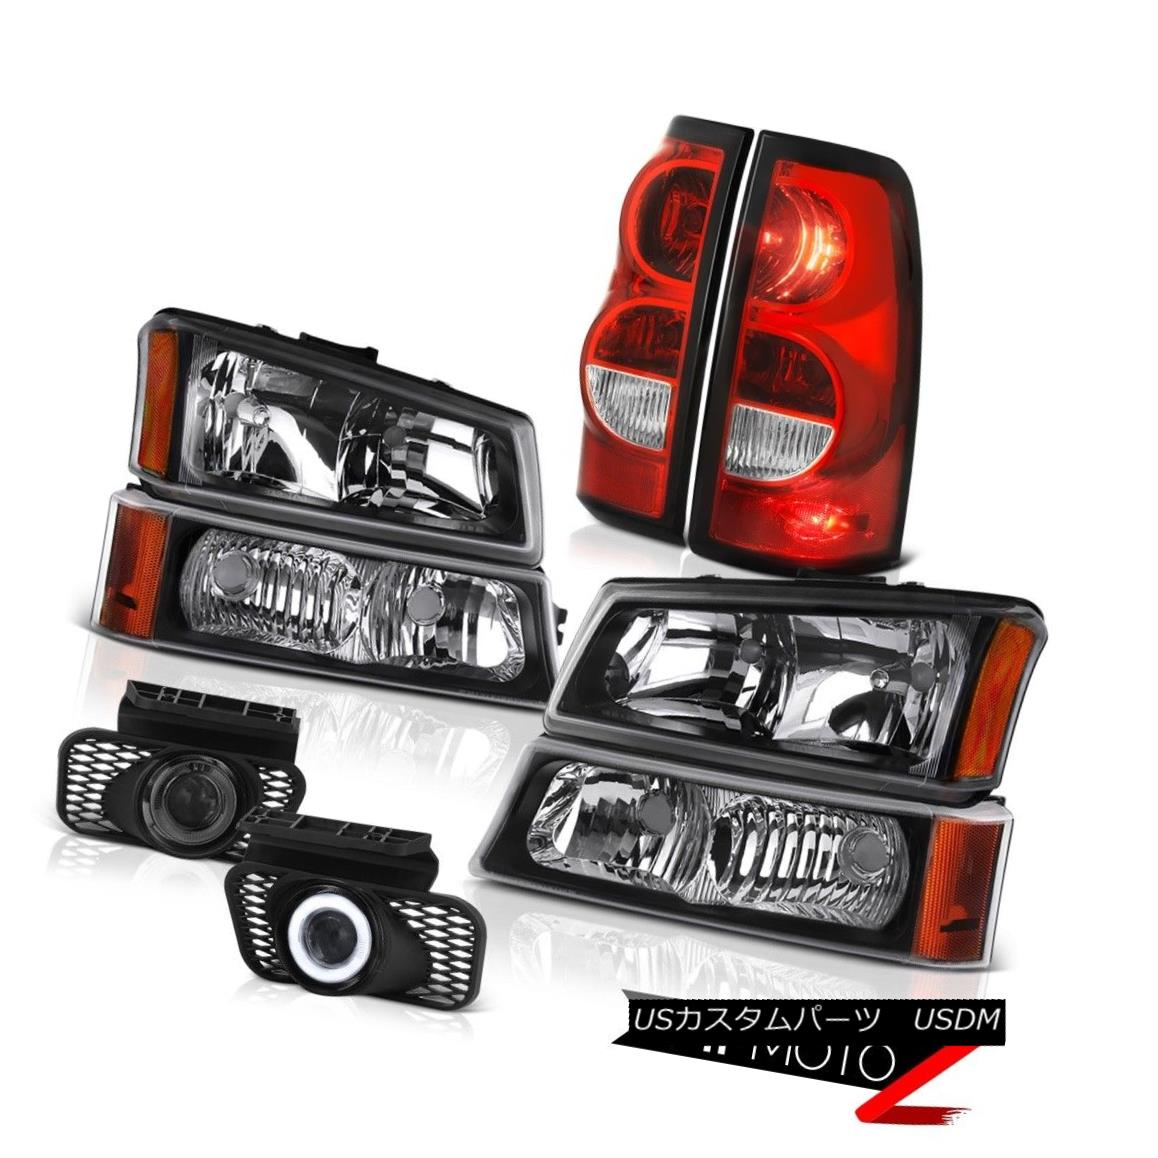 テールライト 2003-2006 Silverado Phantom Smoke Fog Lights Rosso Red Tail Lamps Headlights 2003-2006シルバラードファントムスモークフォグライトロッソレッドテールランプヘッドライト